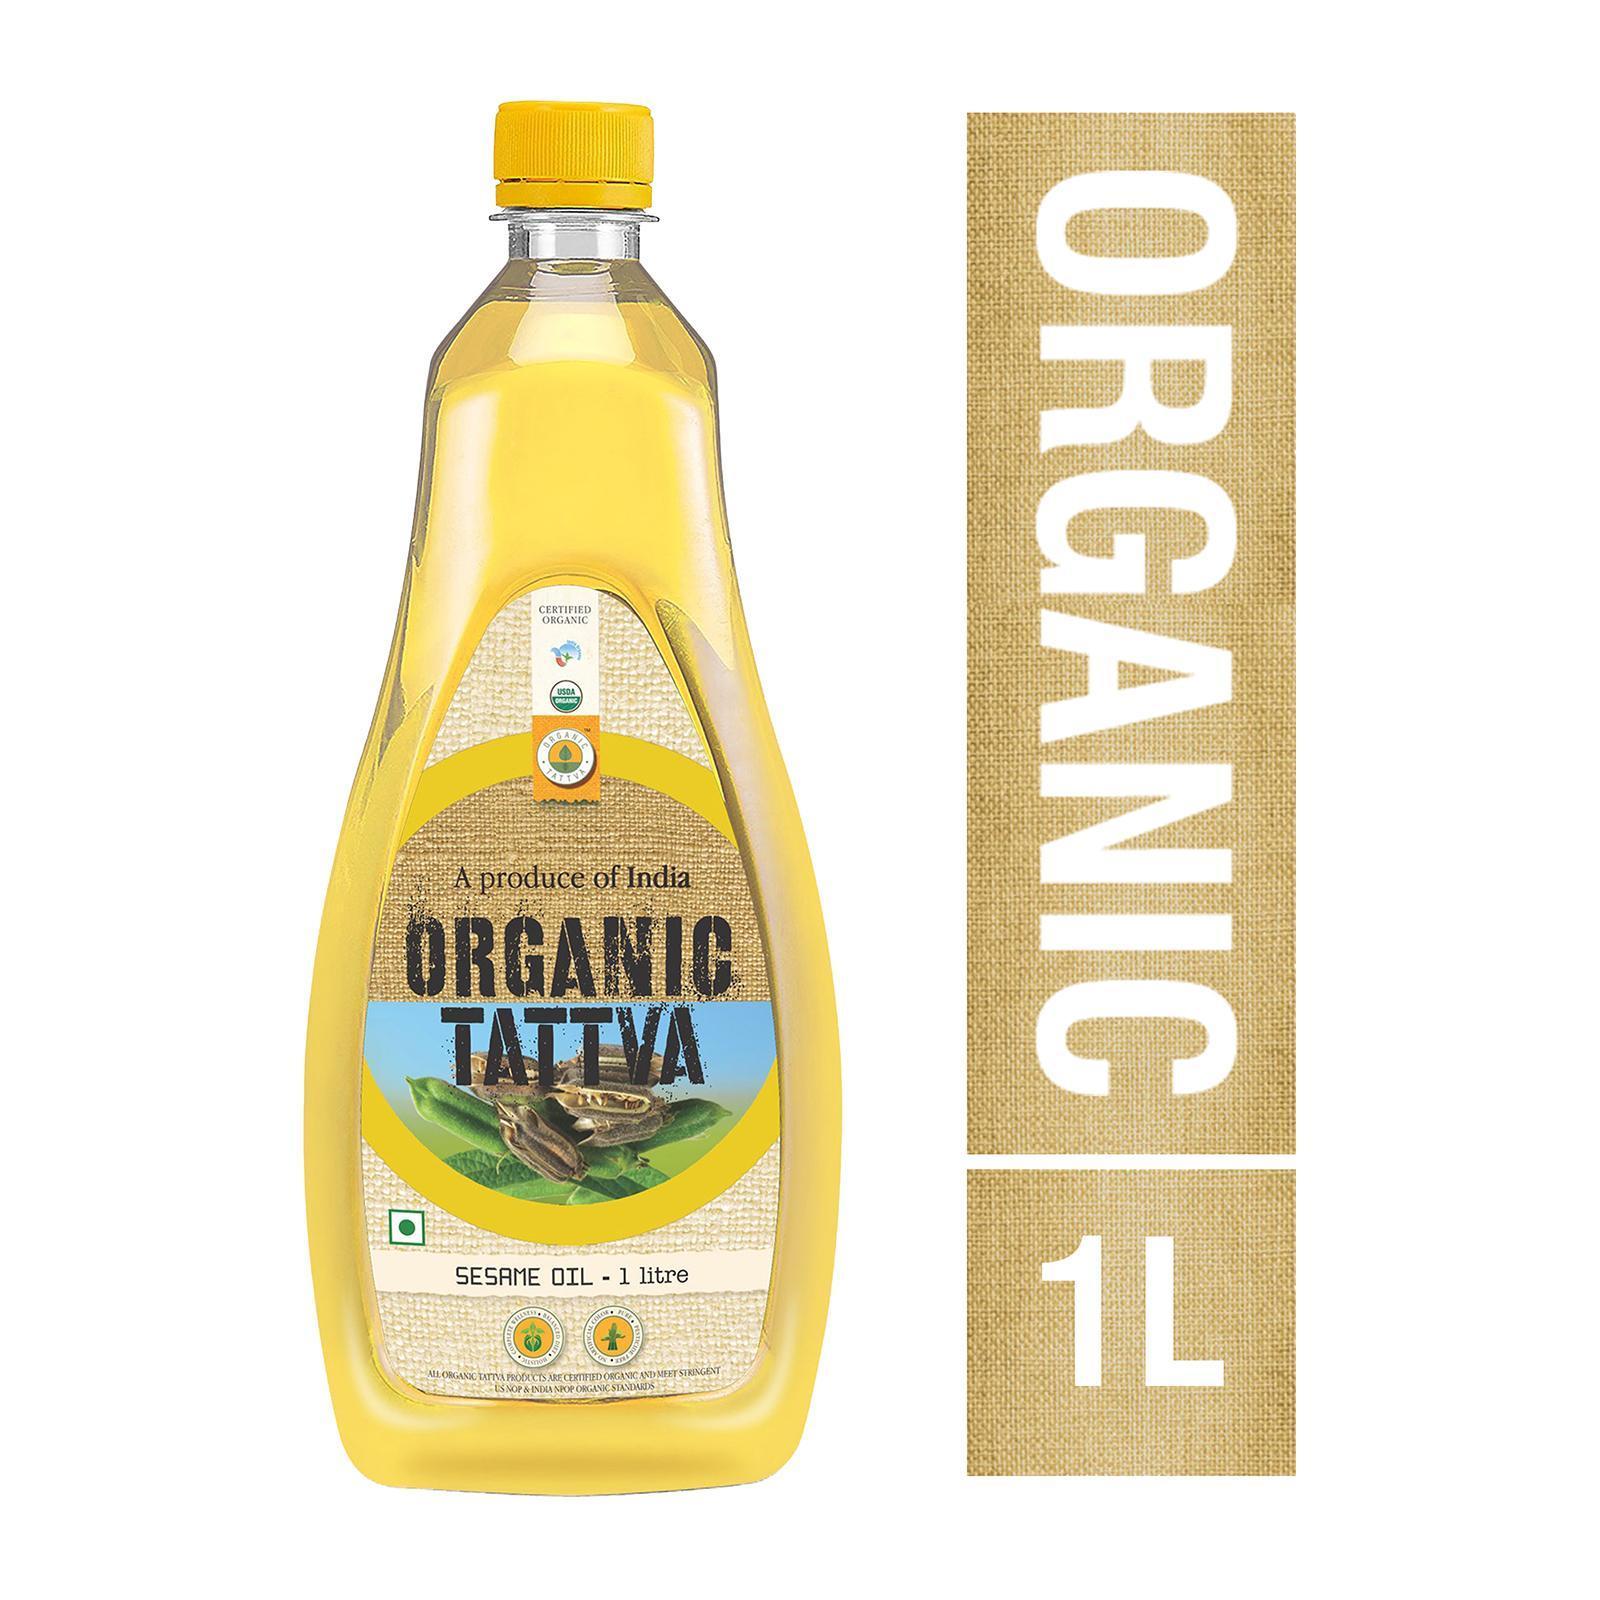 Organic Tattva Organic Sesame Oil By Redmart.